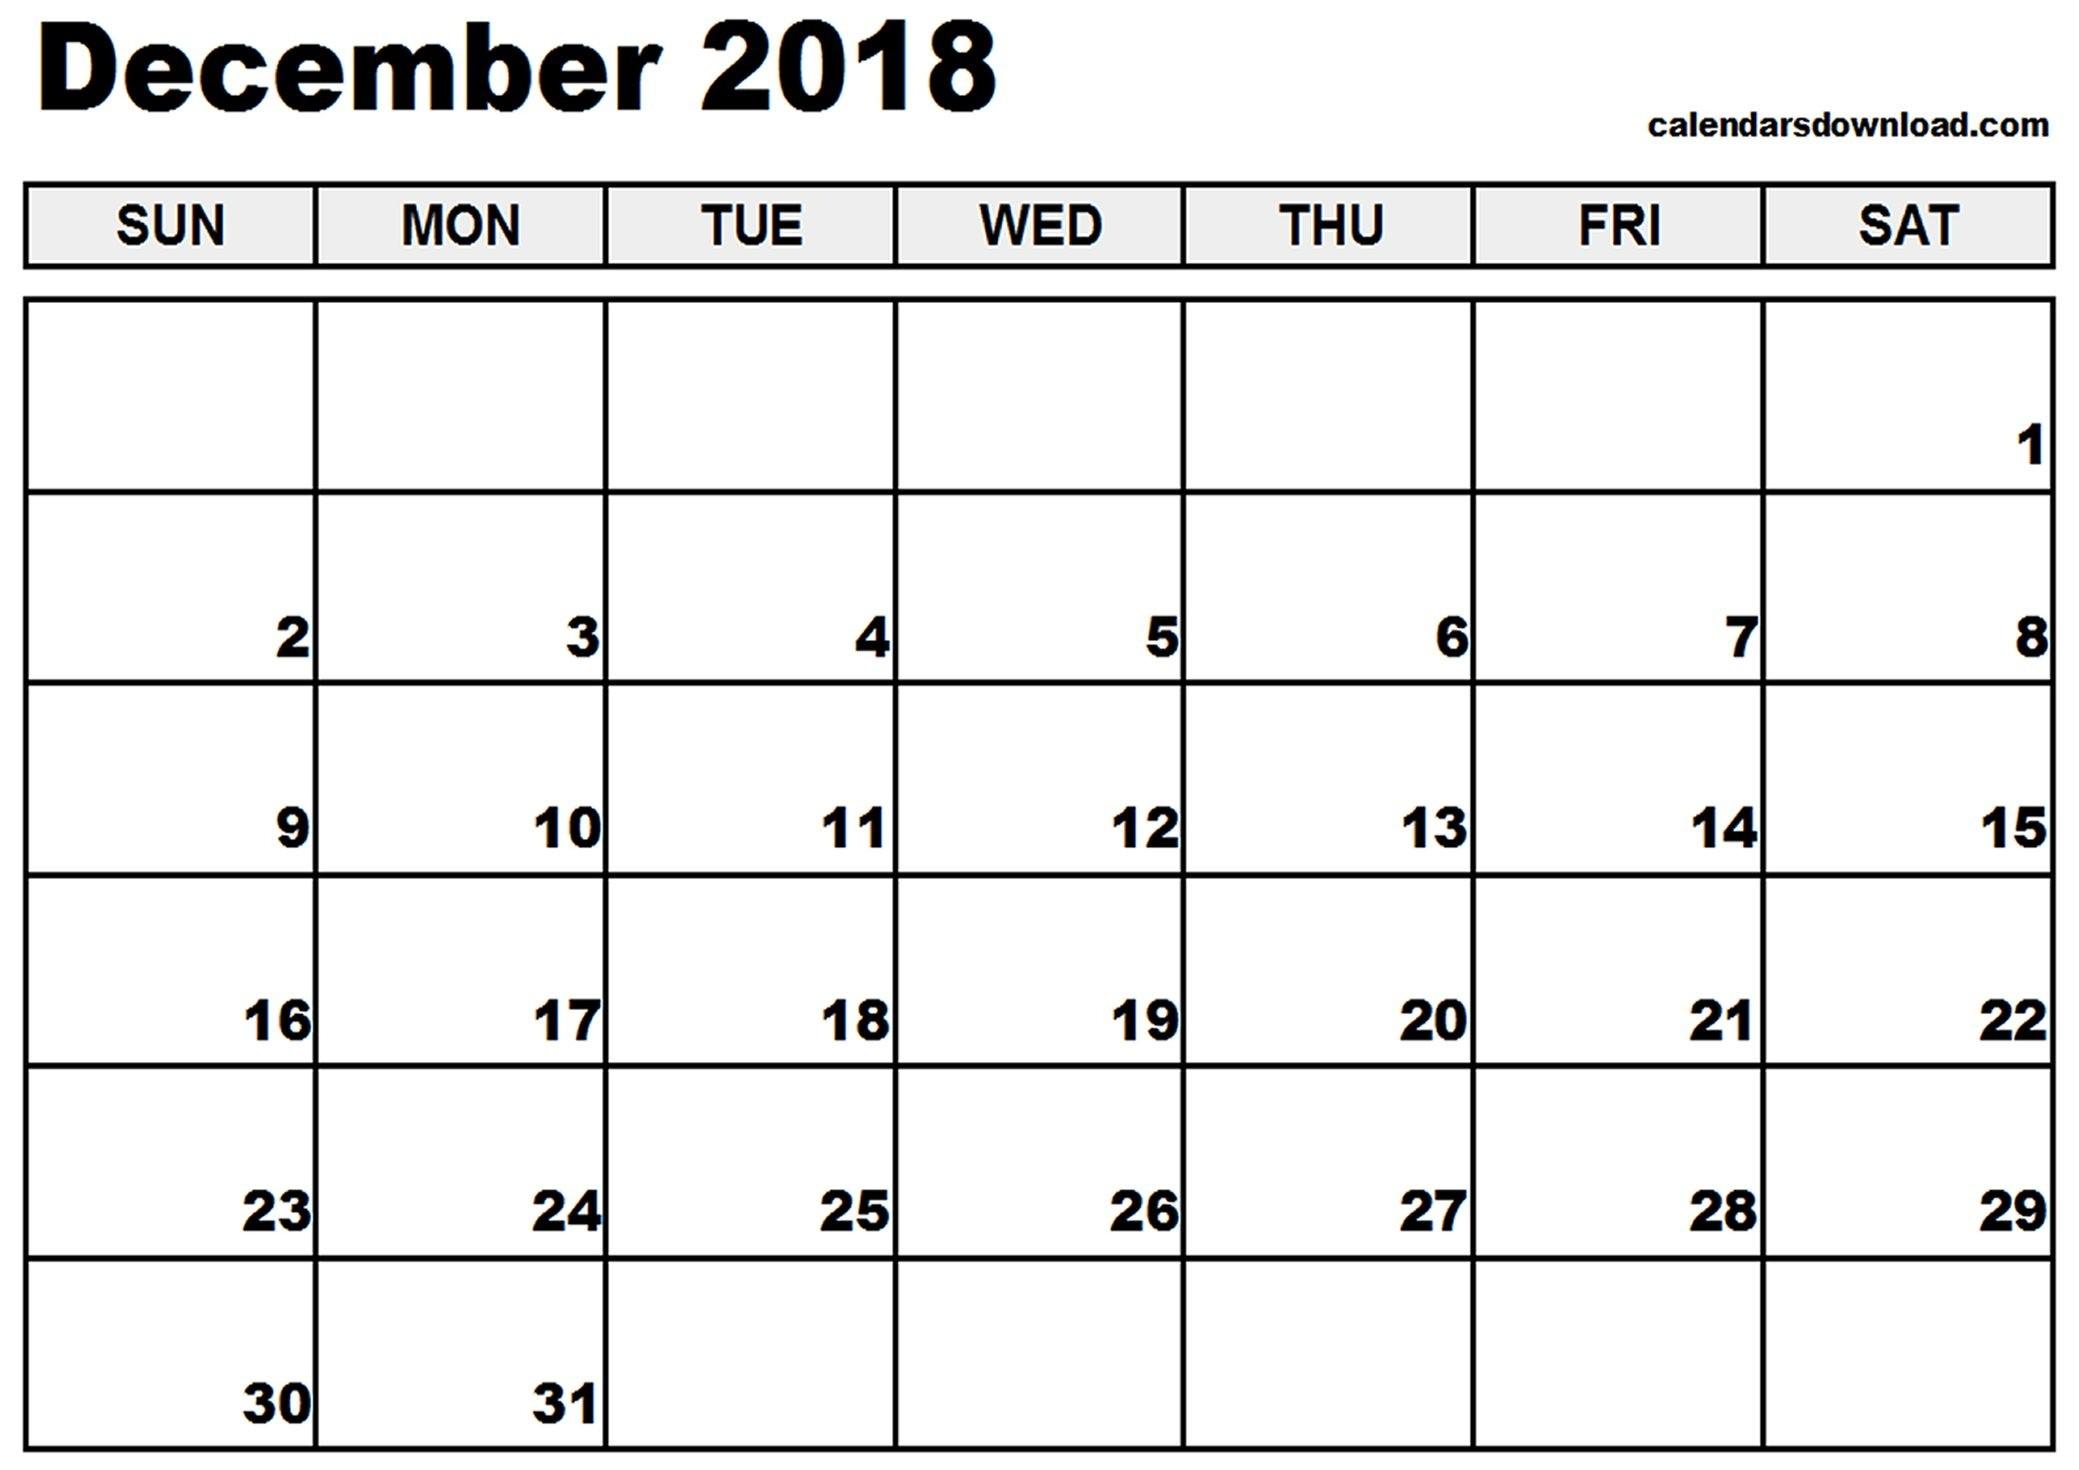 Editable December 2018 Calendar Blank Template - Printable Calendar with December Calendar Printable Template